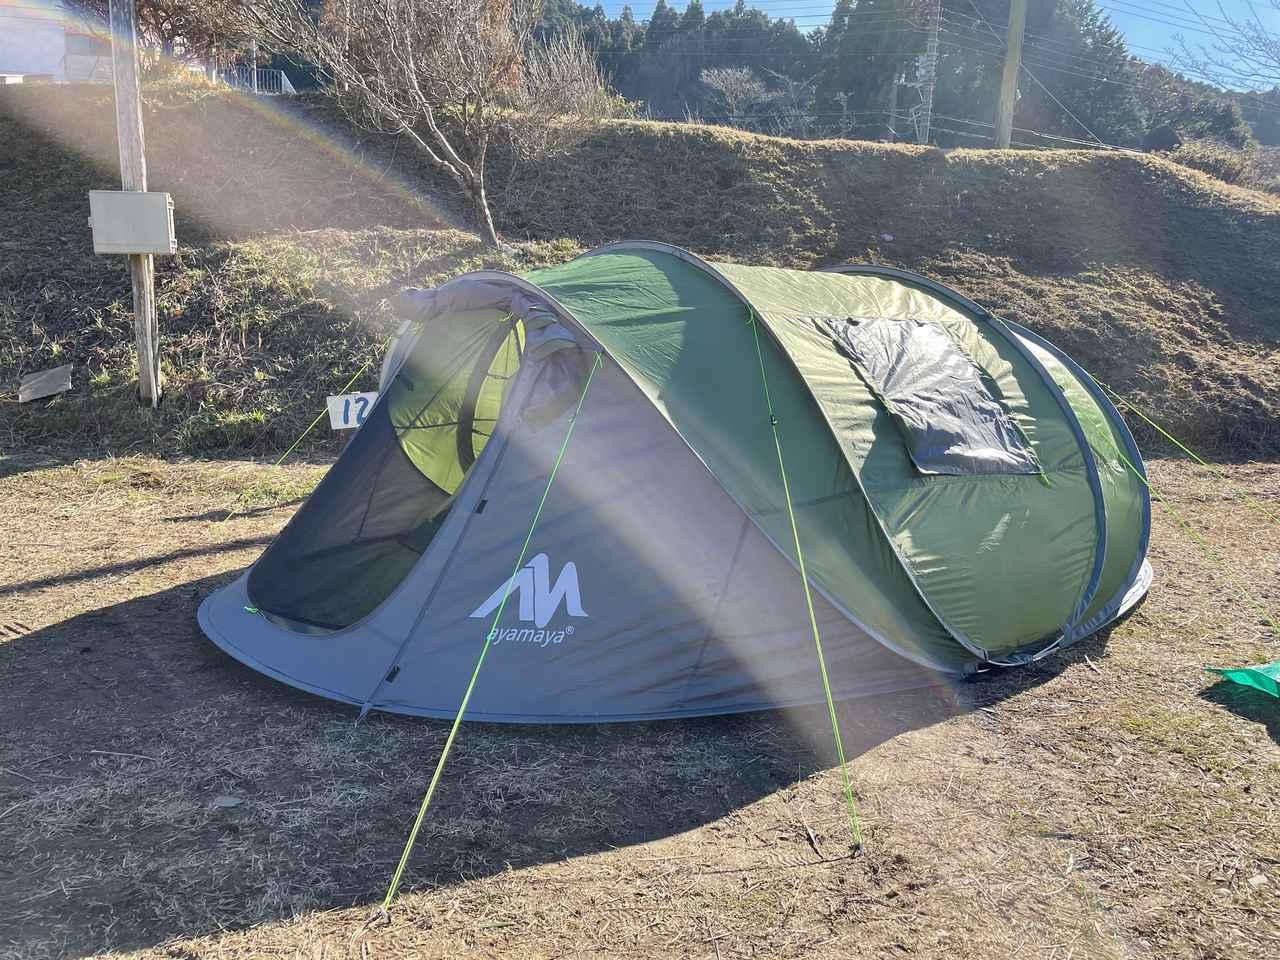 画像: 【検証】冬キャン初心者がポップアップテント泊してみた!「Ayamaya(アヤマヤ)」で冬キャンプはできるか? - ハピキャン(HAPPY CAMPER)